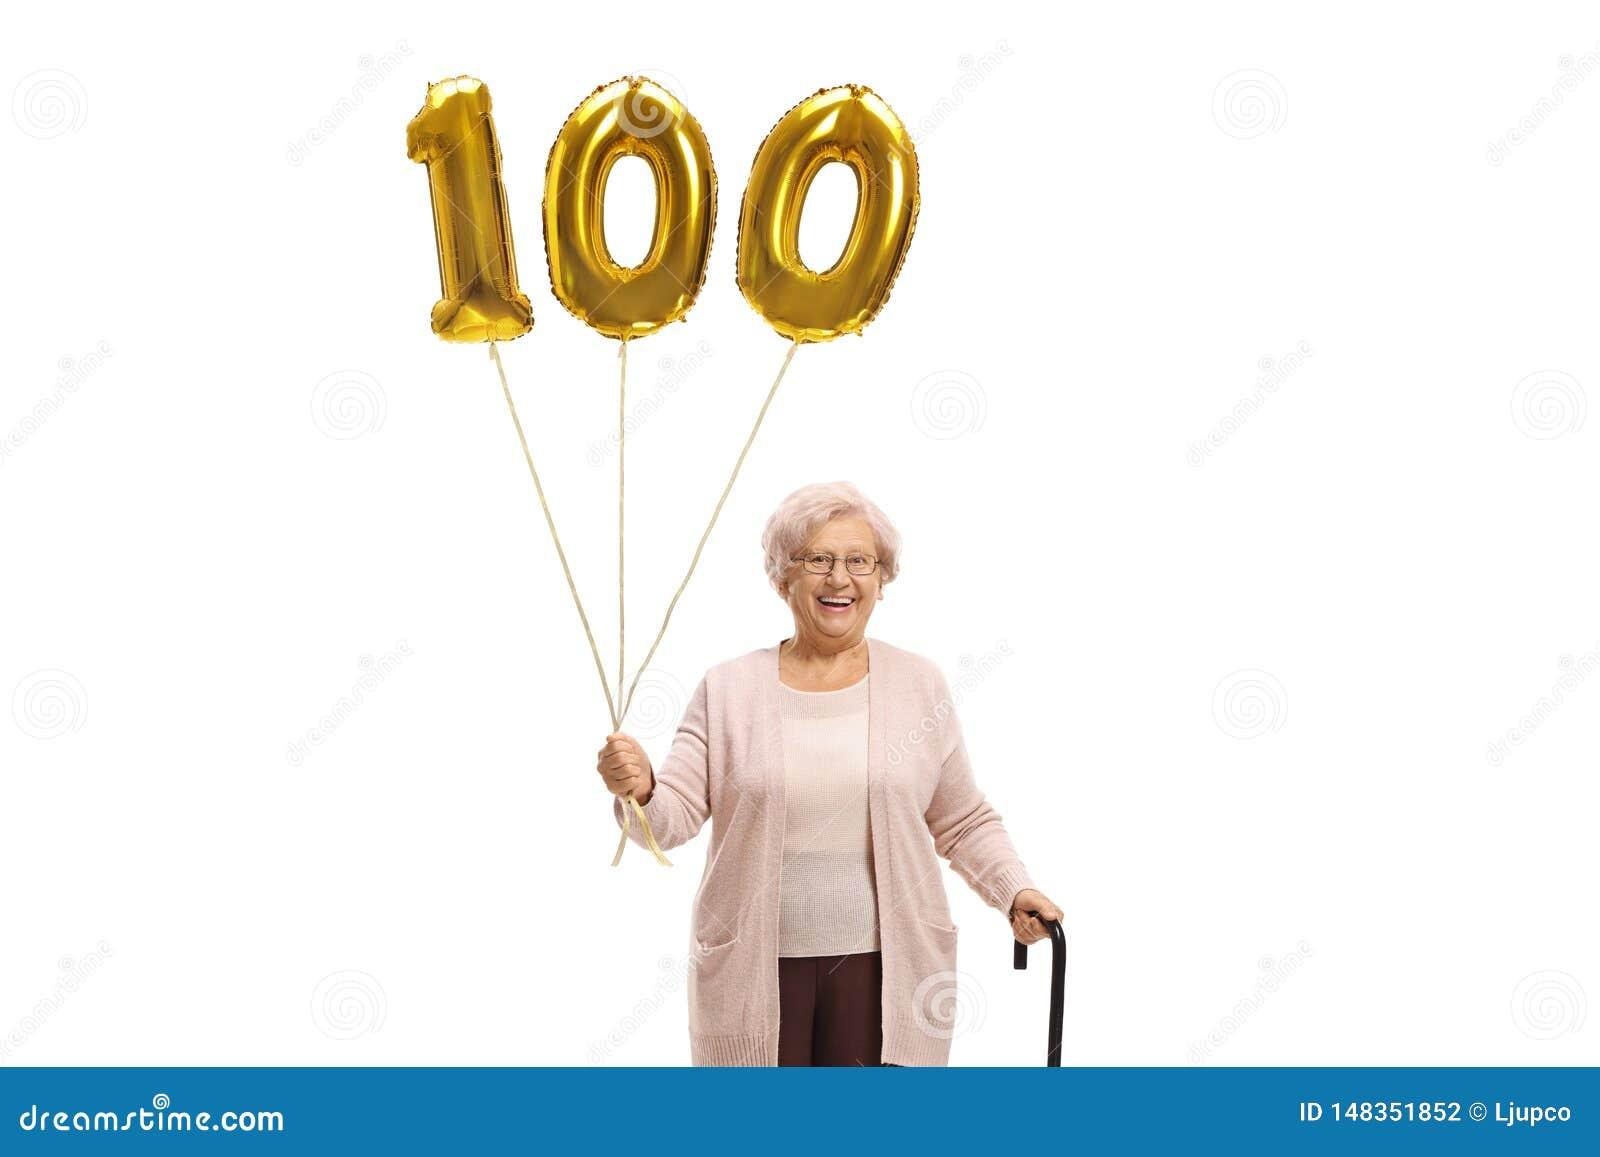 Donna anziana con un pallone dorato di numero cento e una canna di camminata